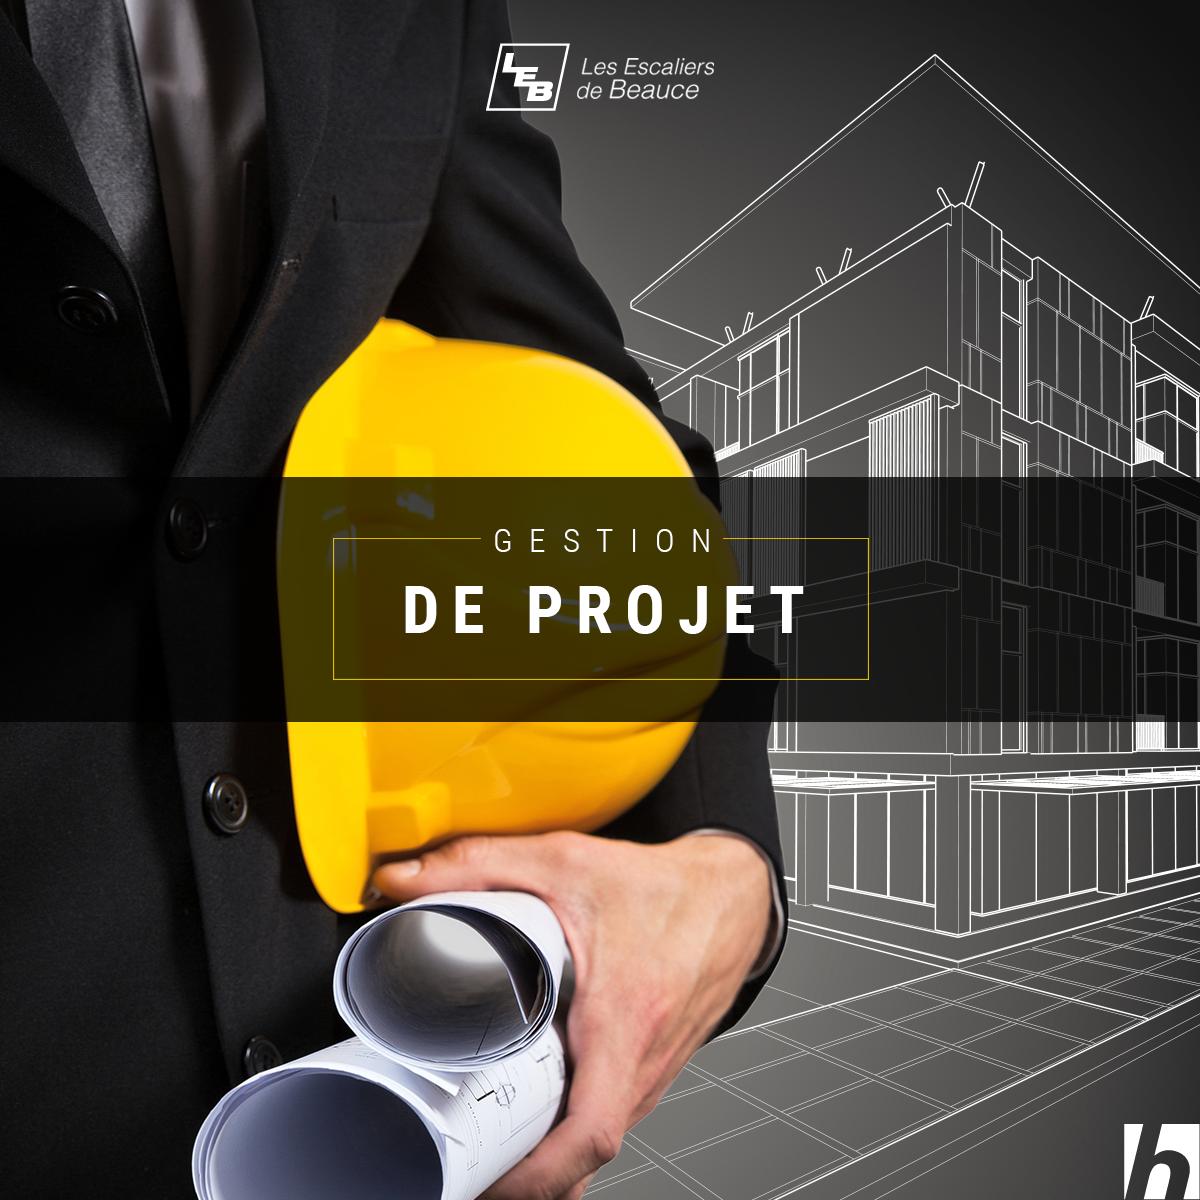 gestion-projet-02